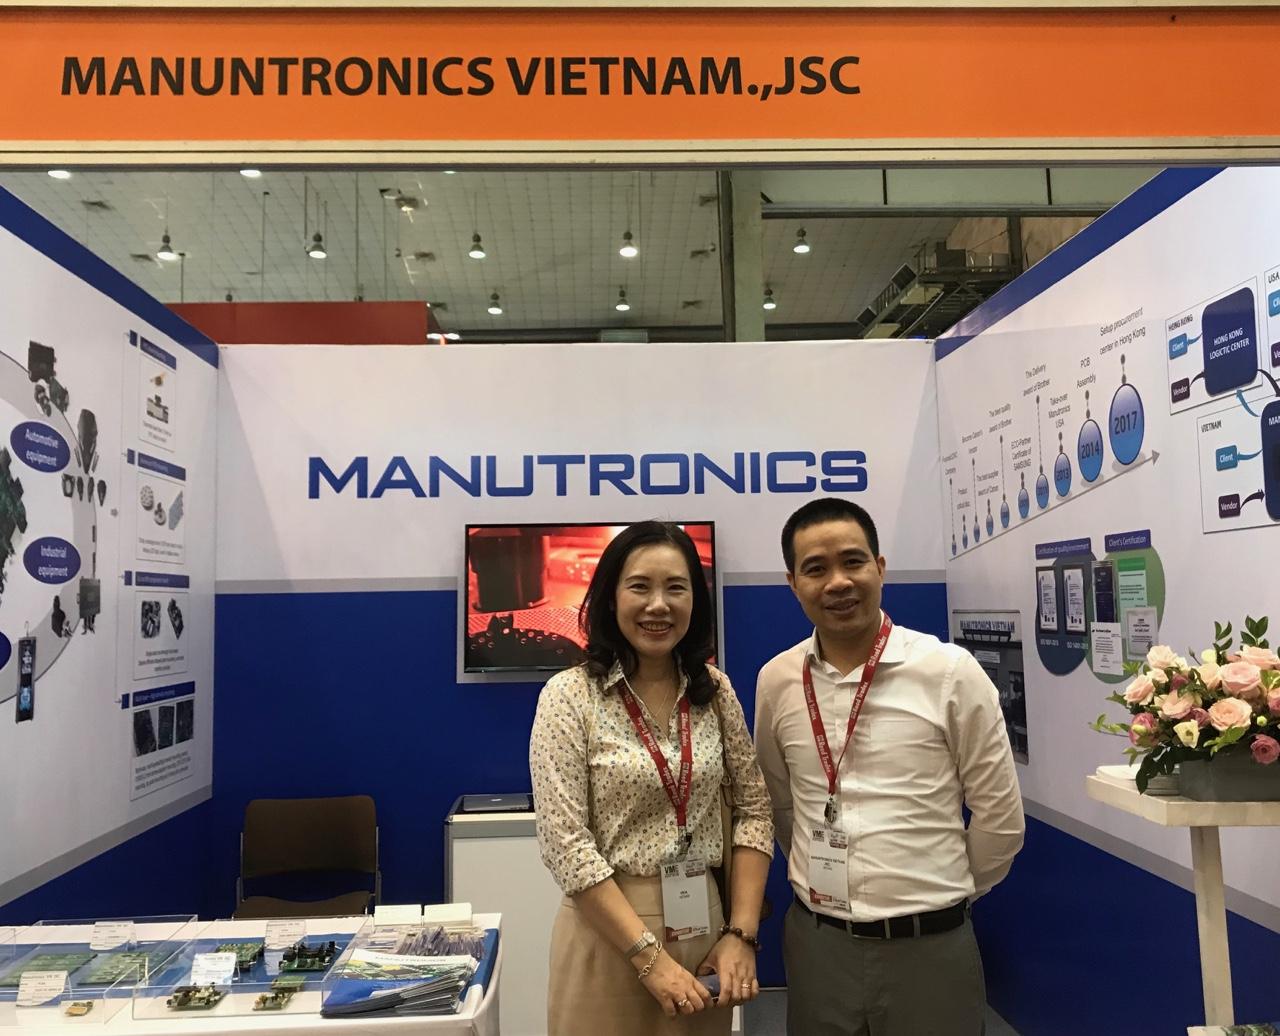 Manutronics tham gia TRIỂN LÃM CHẾ TẠO 2019 và HỖ TRỢ VIỆT NAM - NHẬT BẢN